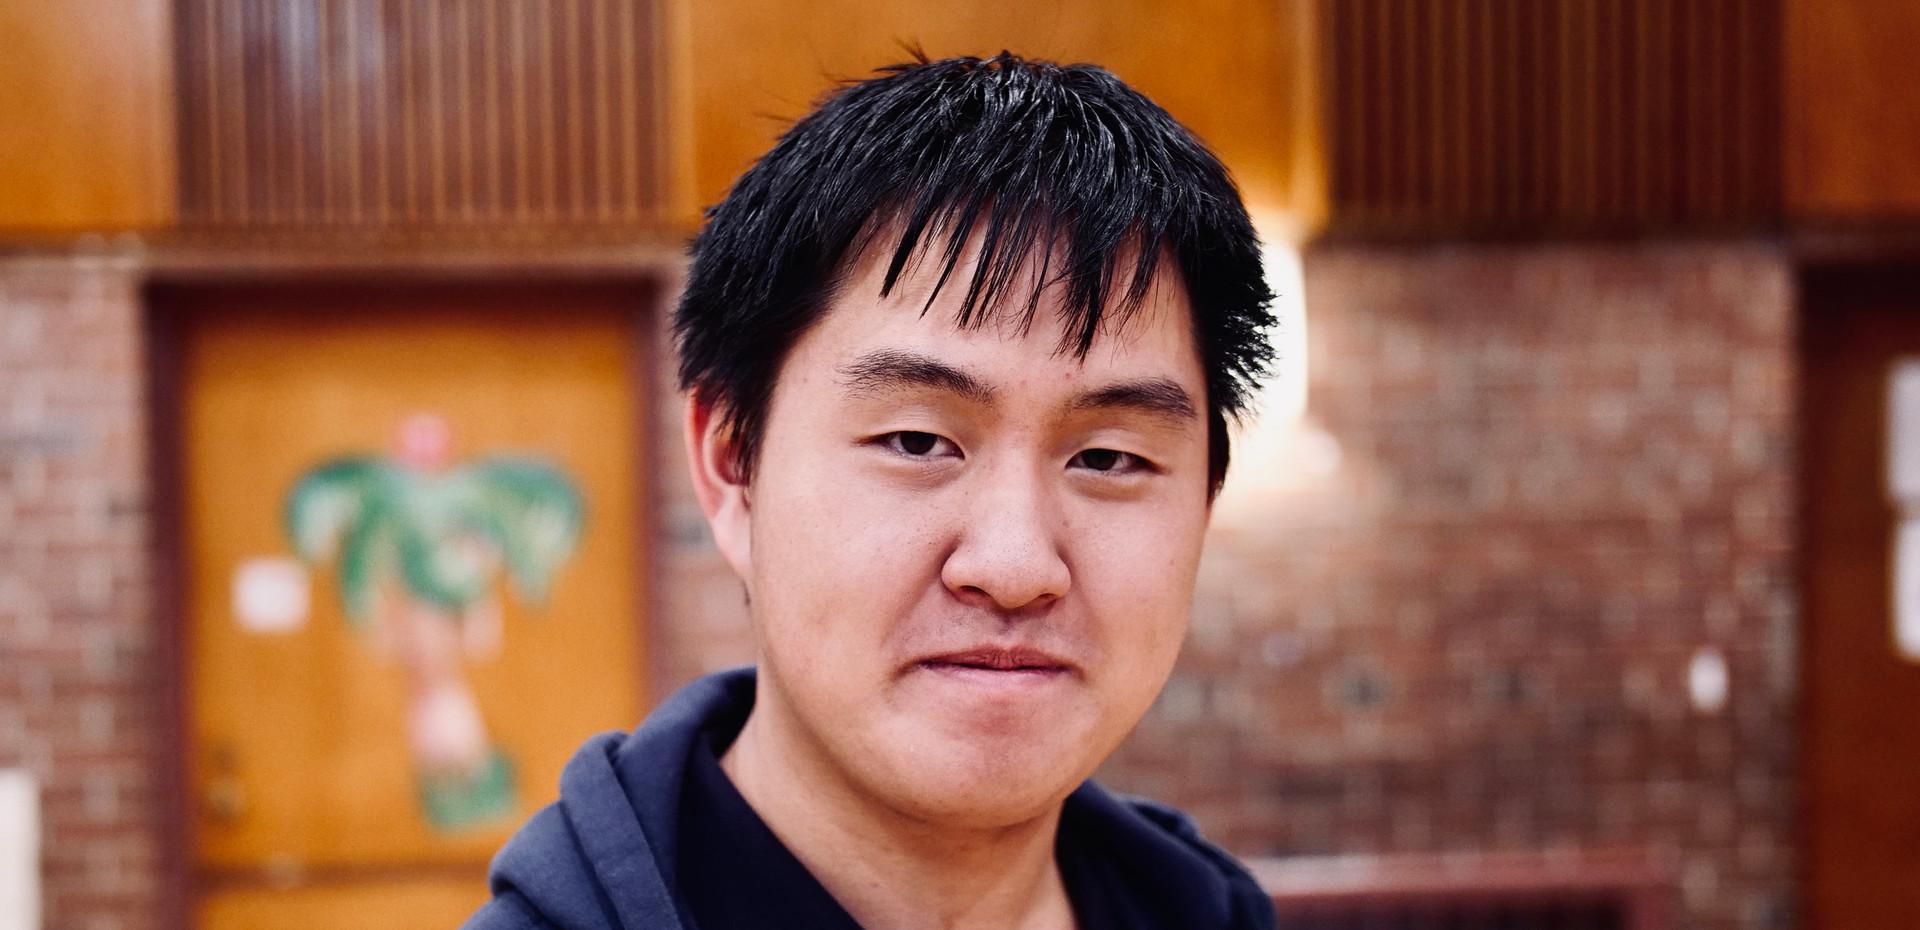 Zan Huang, composer (Milton Academy)